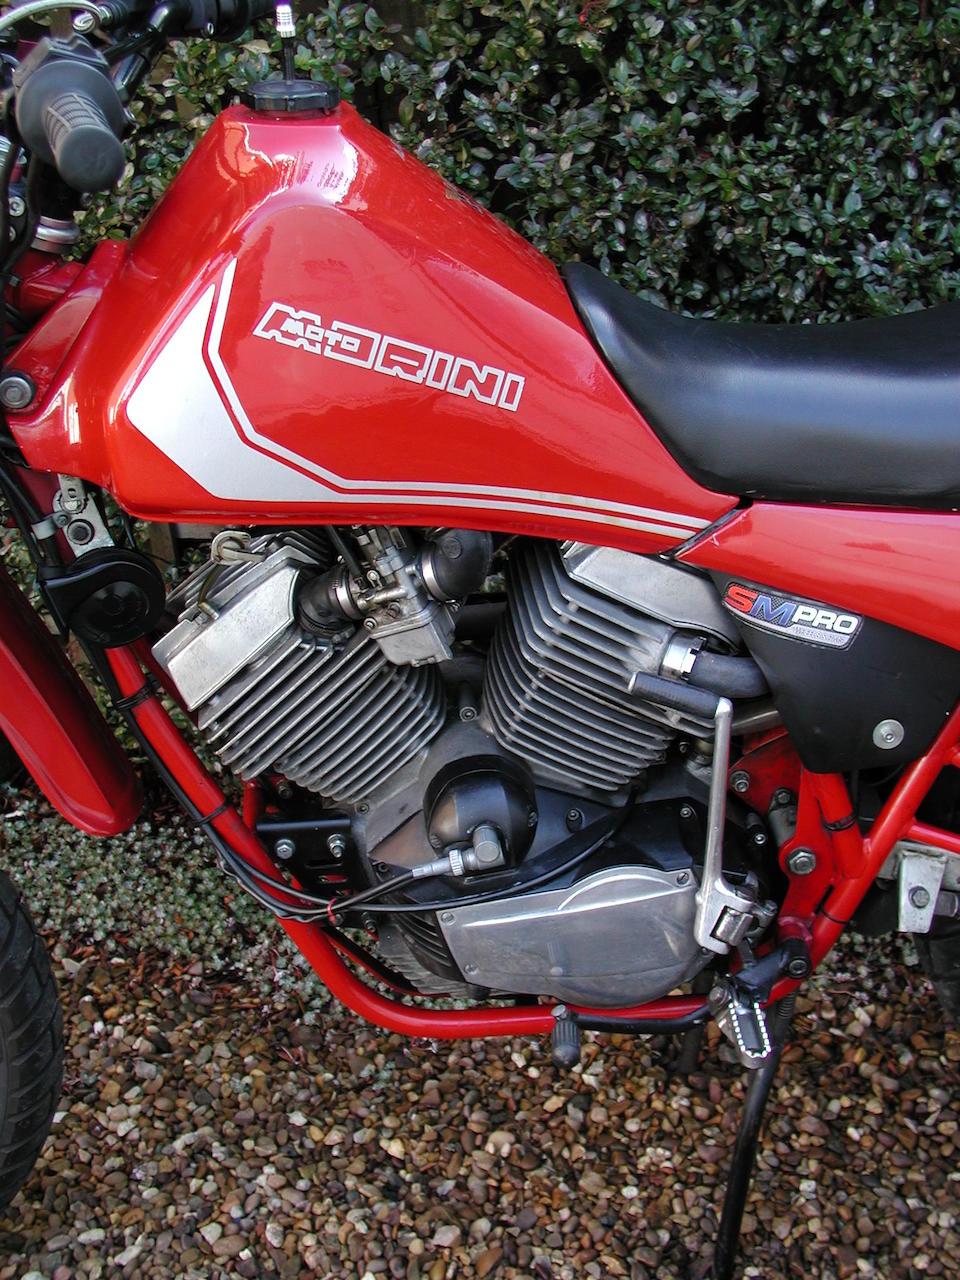 1982 Moto Morini 479cc Camel Enduro Frame no. 500R 03355